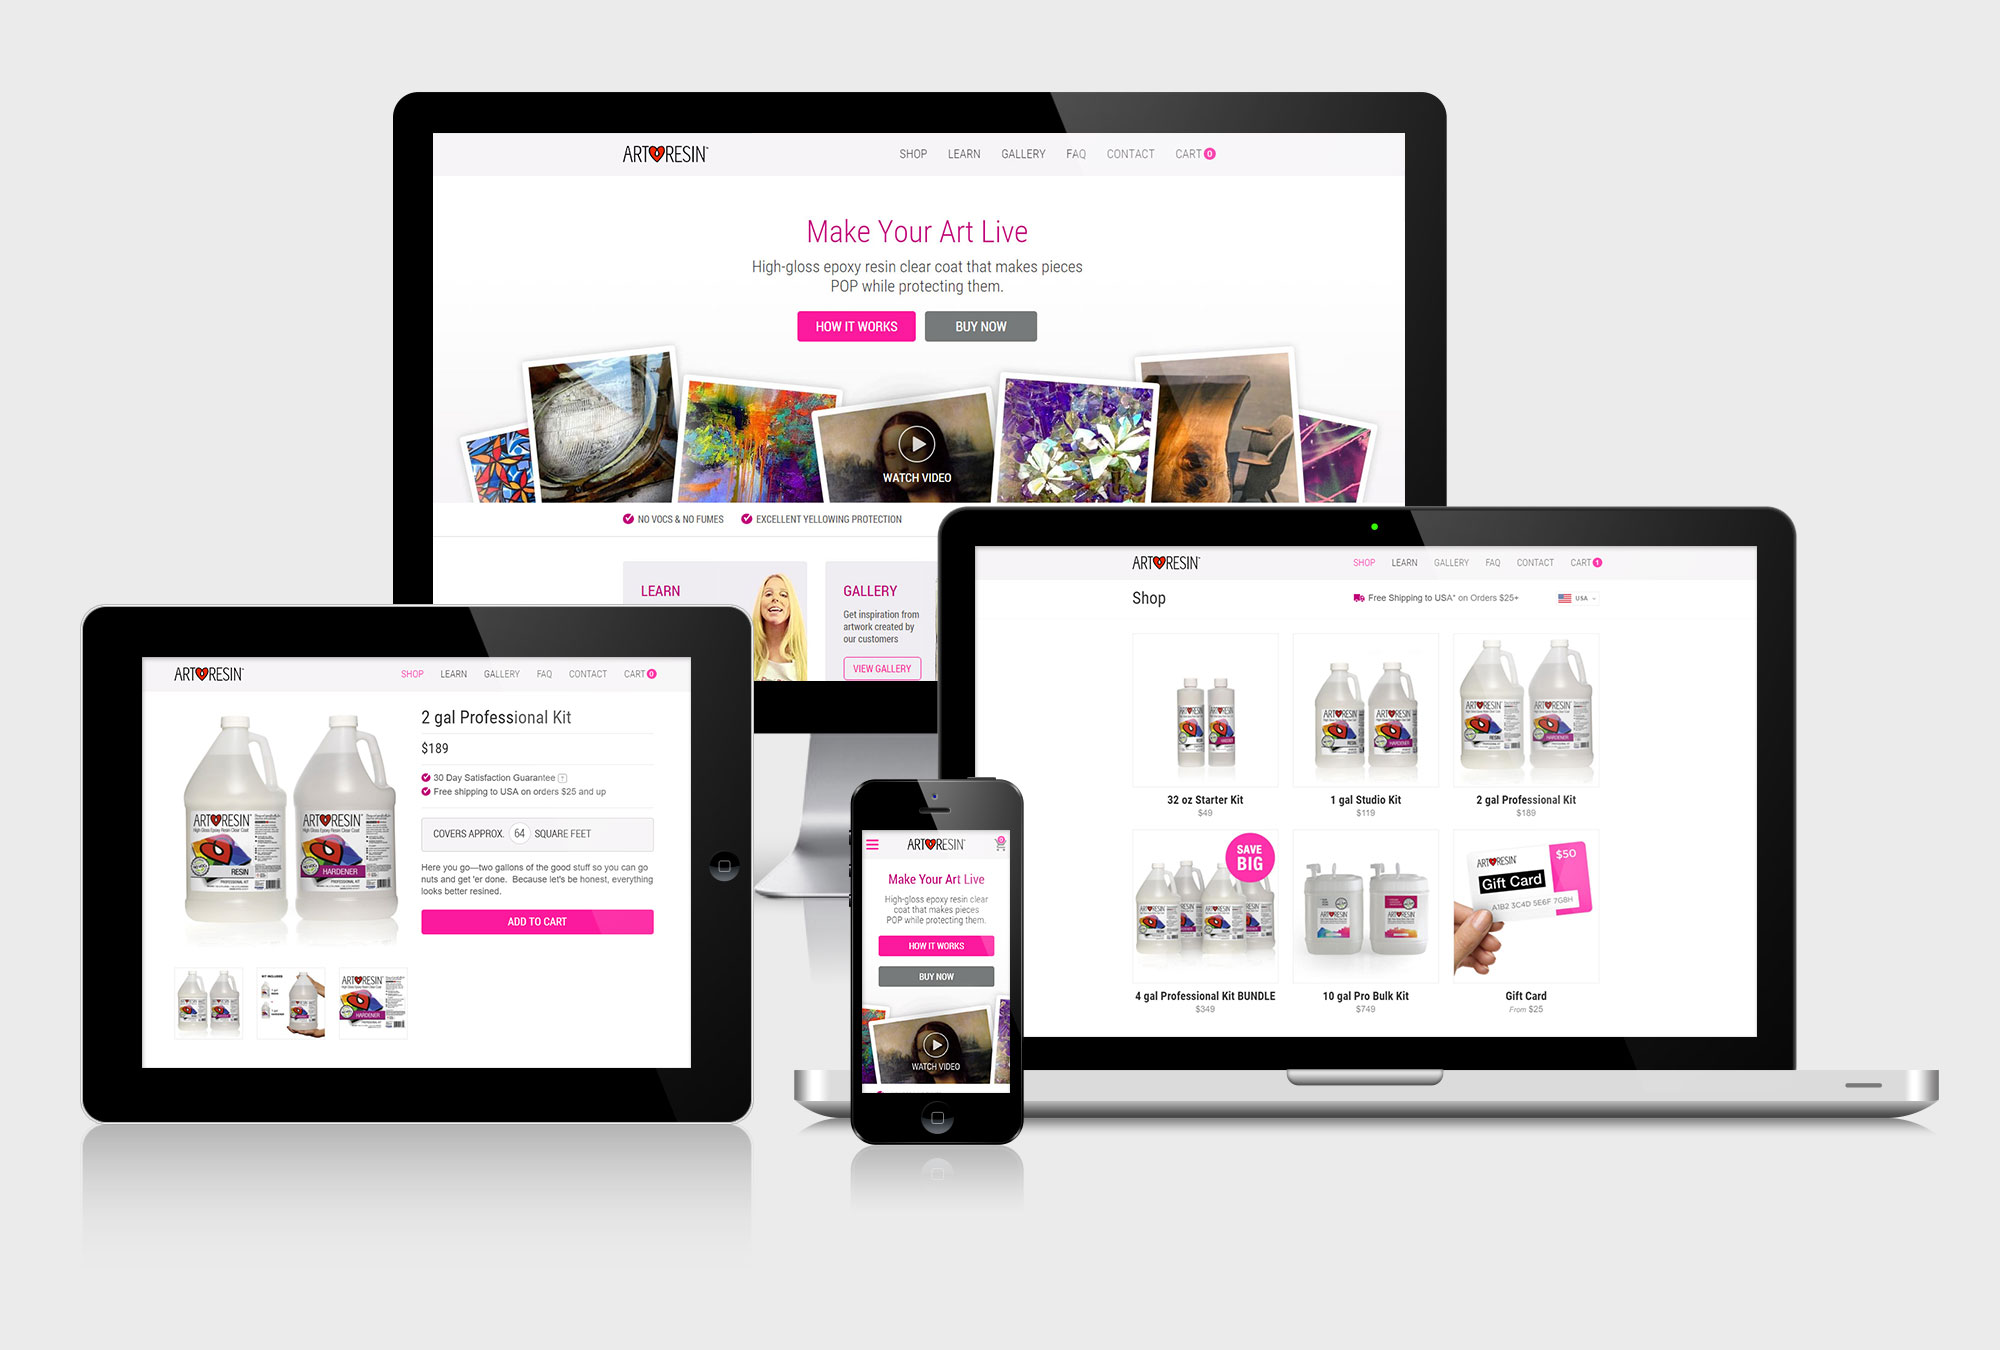 artresin-website-design-2 - Click Tie